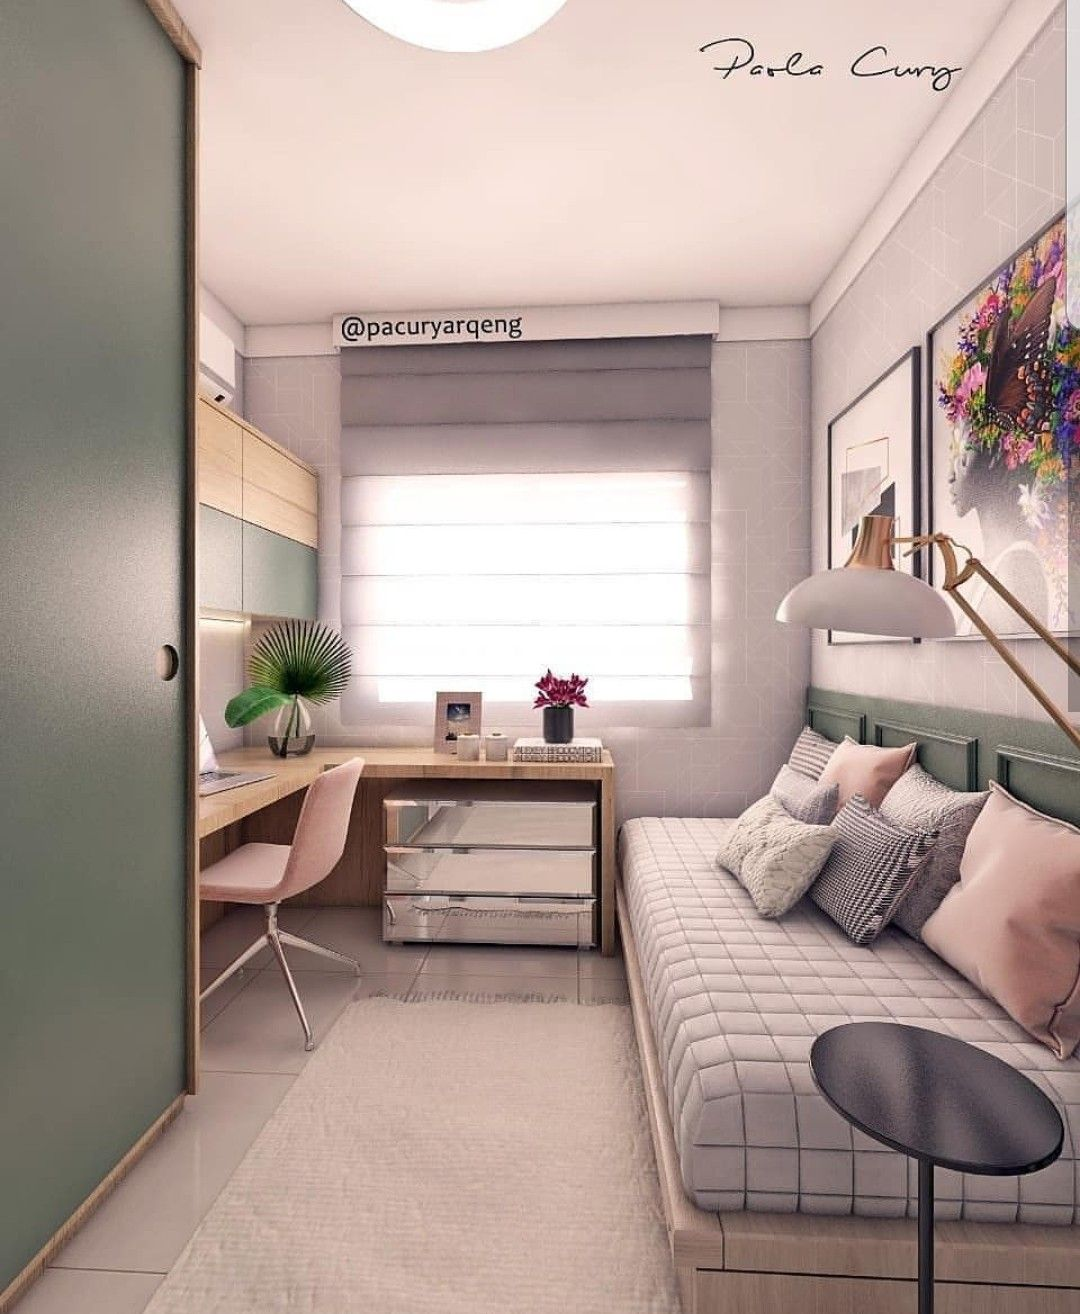 Idee Camere Da Letto Salvaspazio immagine arredamento piccola camera di valentina liberale su